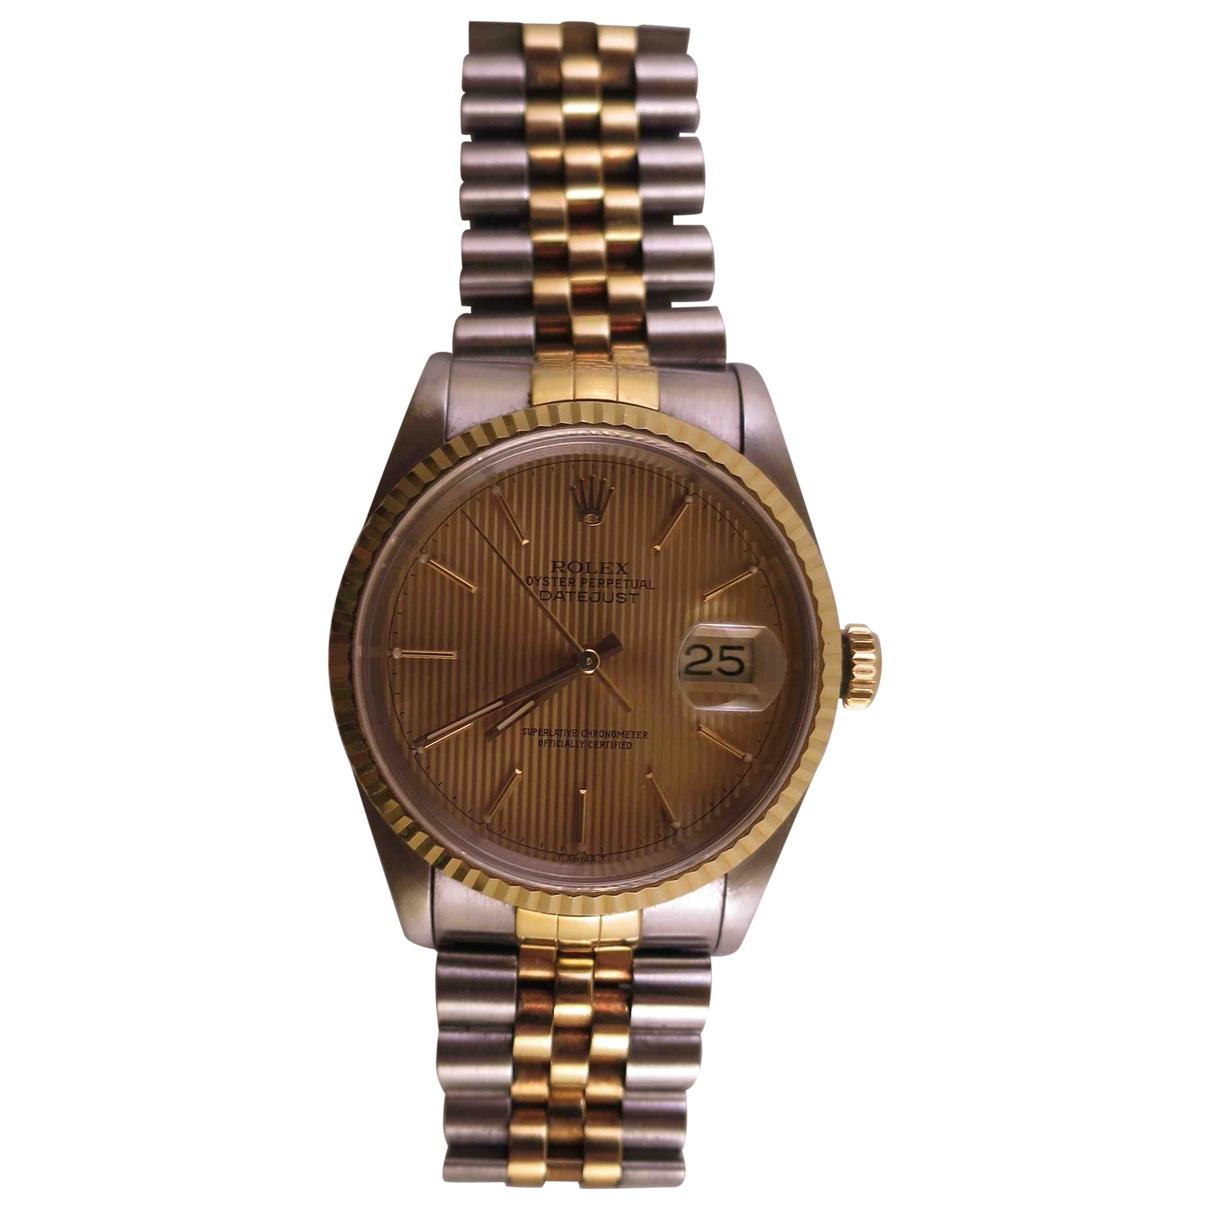 Rolex Datejust 36mm Uhr in  Bunt Gold und Stahl